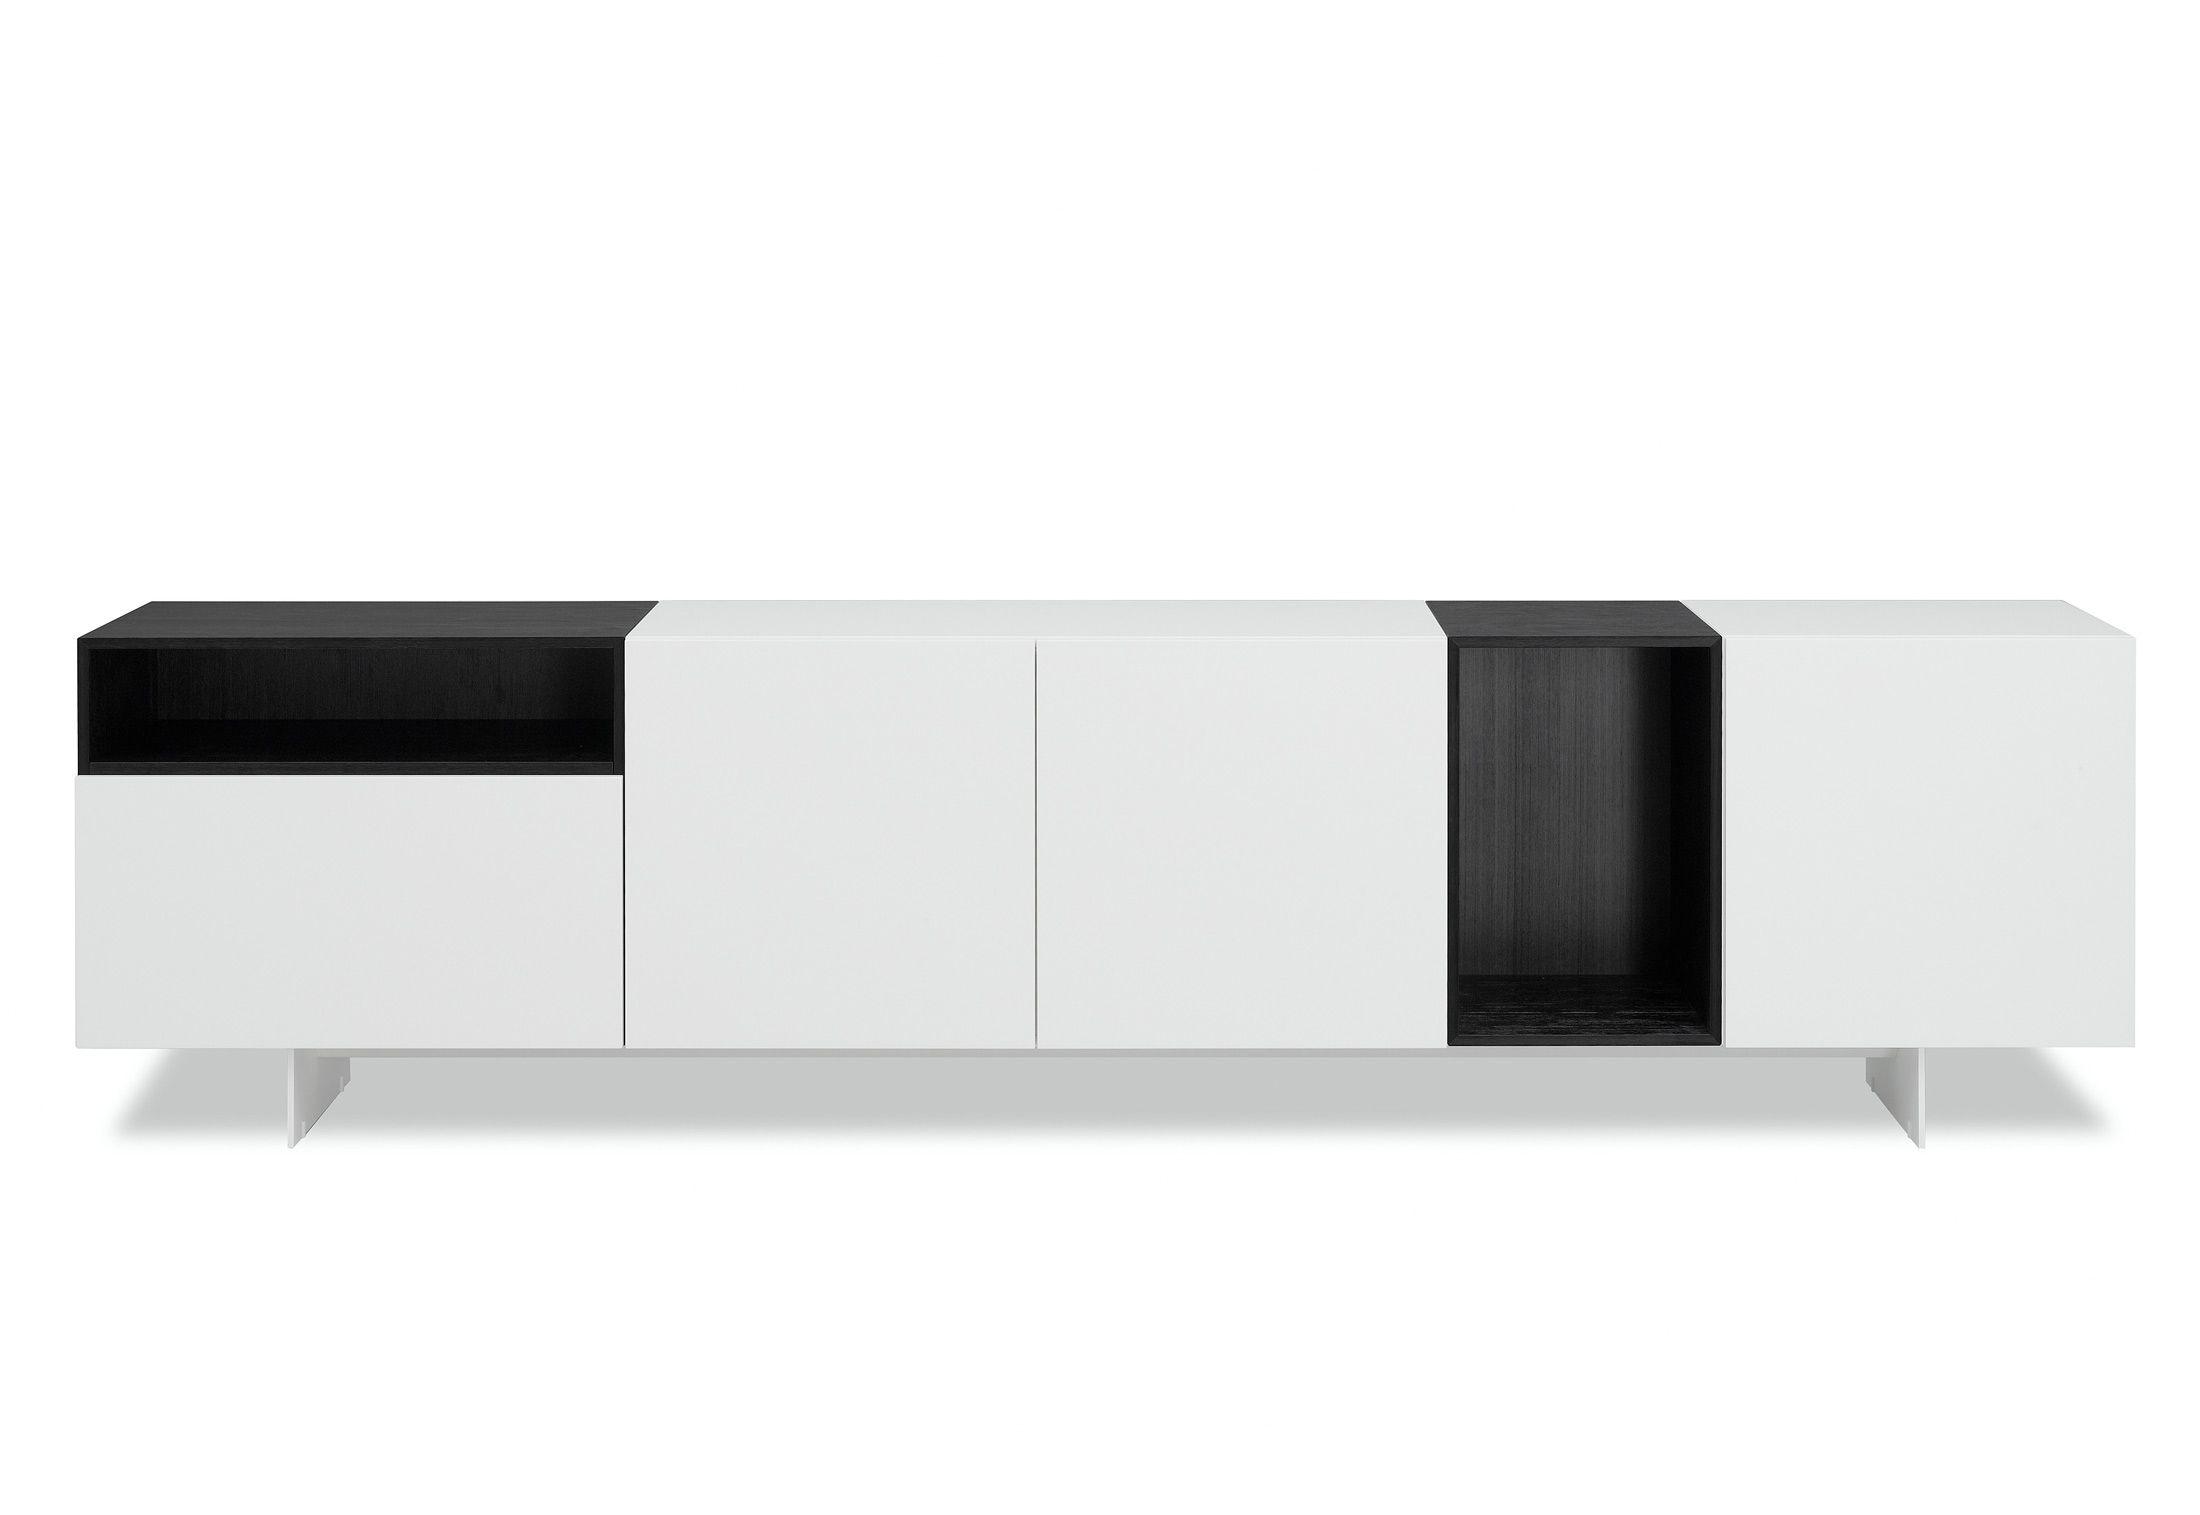 Porro  Modern Sideboard  LOVE the solid black hemlock Porro does!! American wood / handworked in Italy ;-)